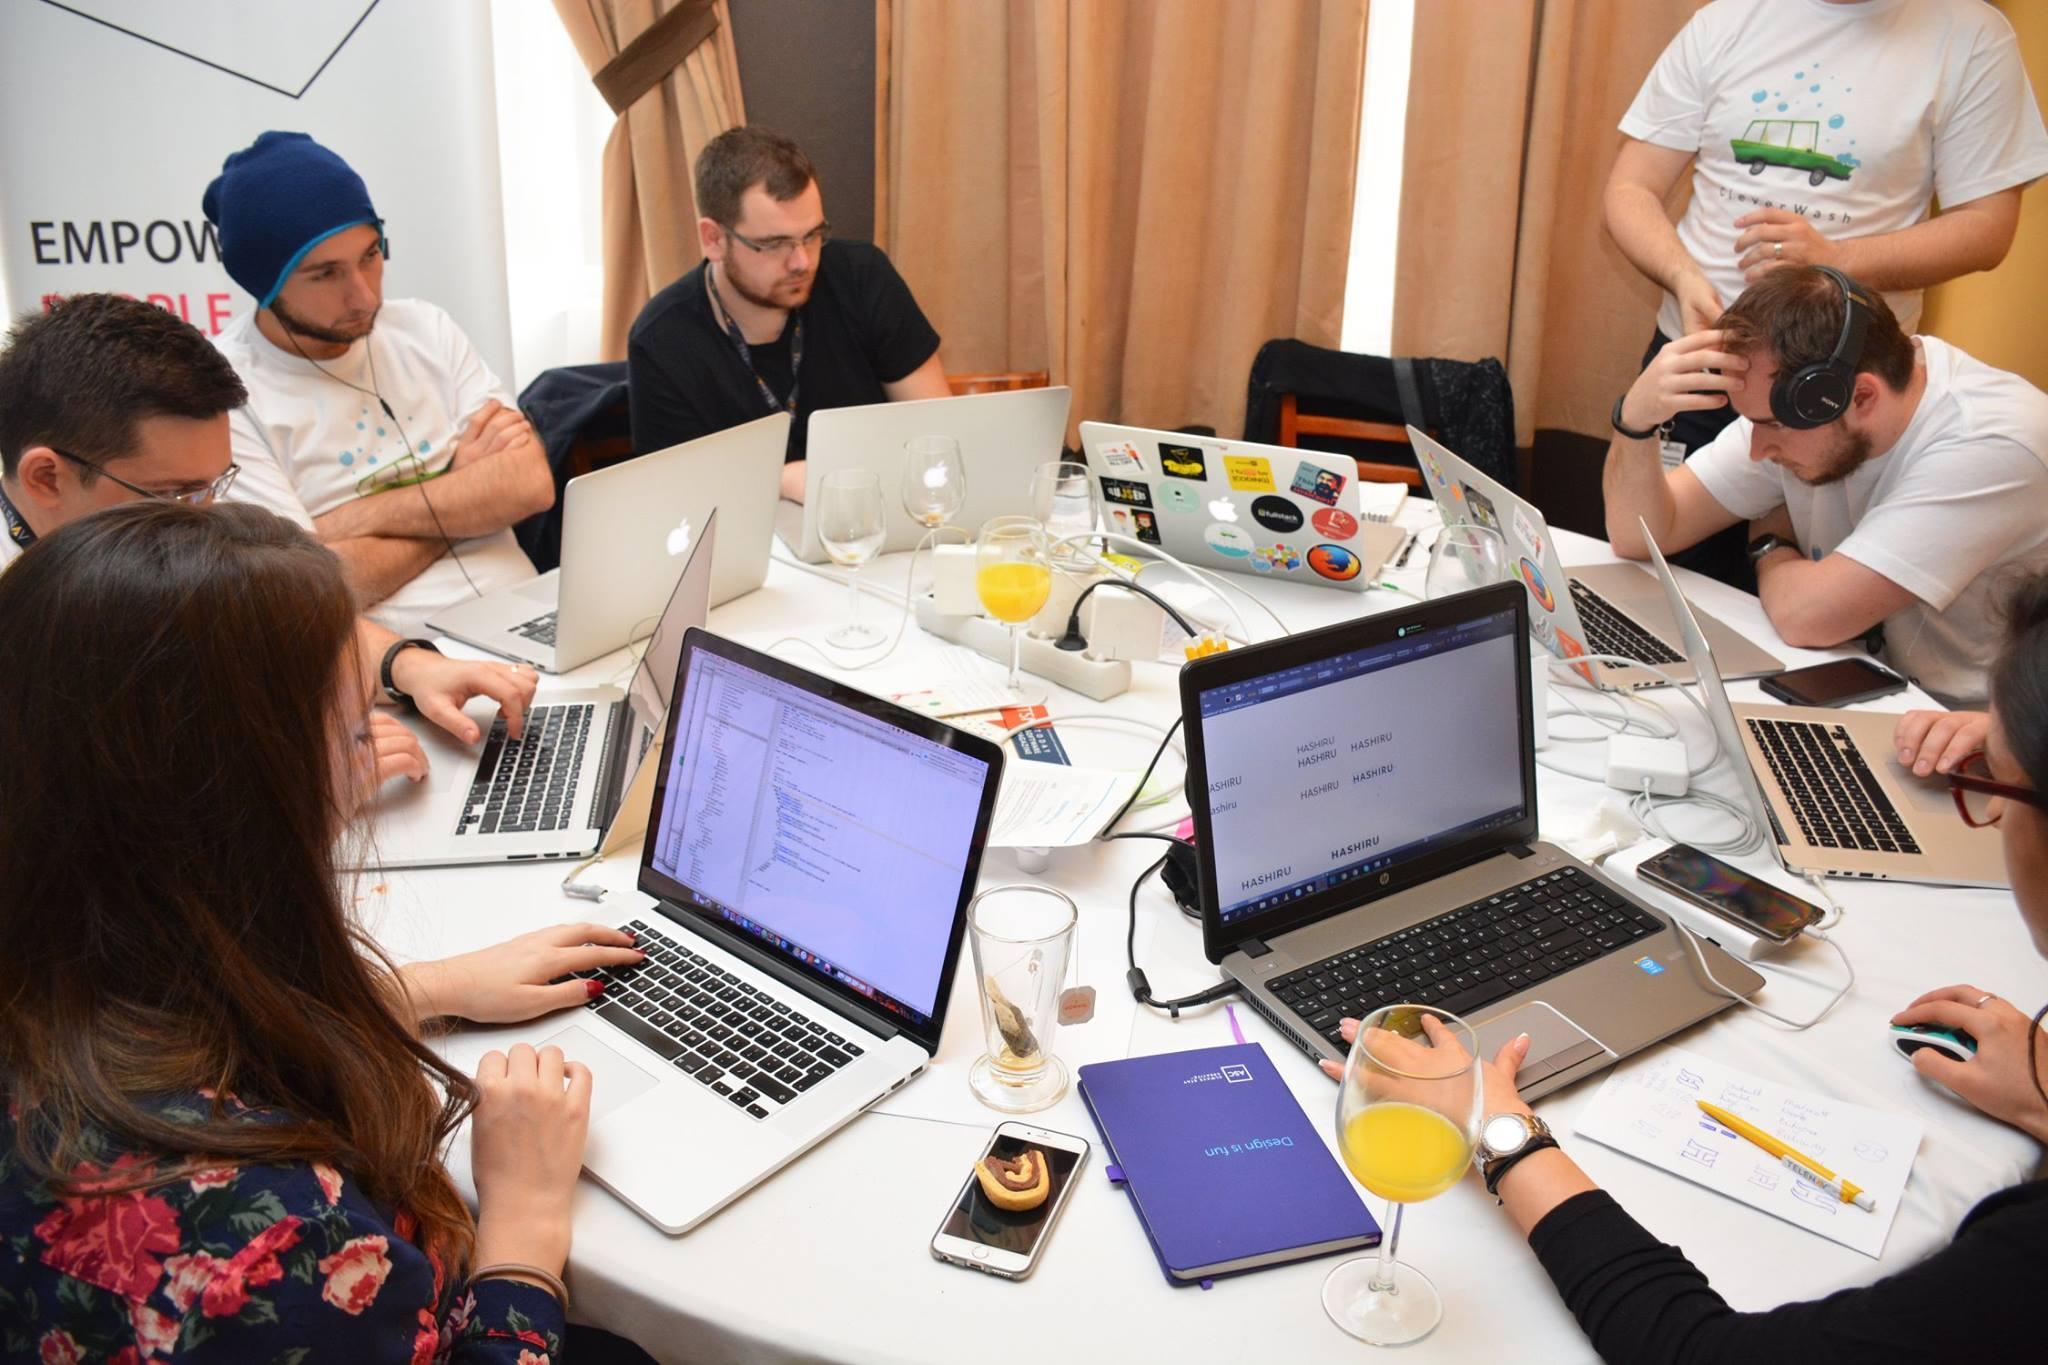 Hacking @ StartupWeekendCluj